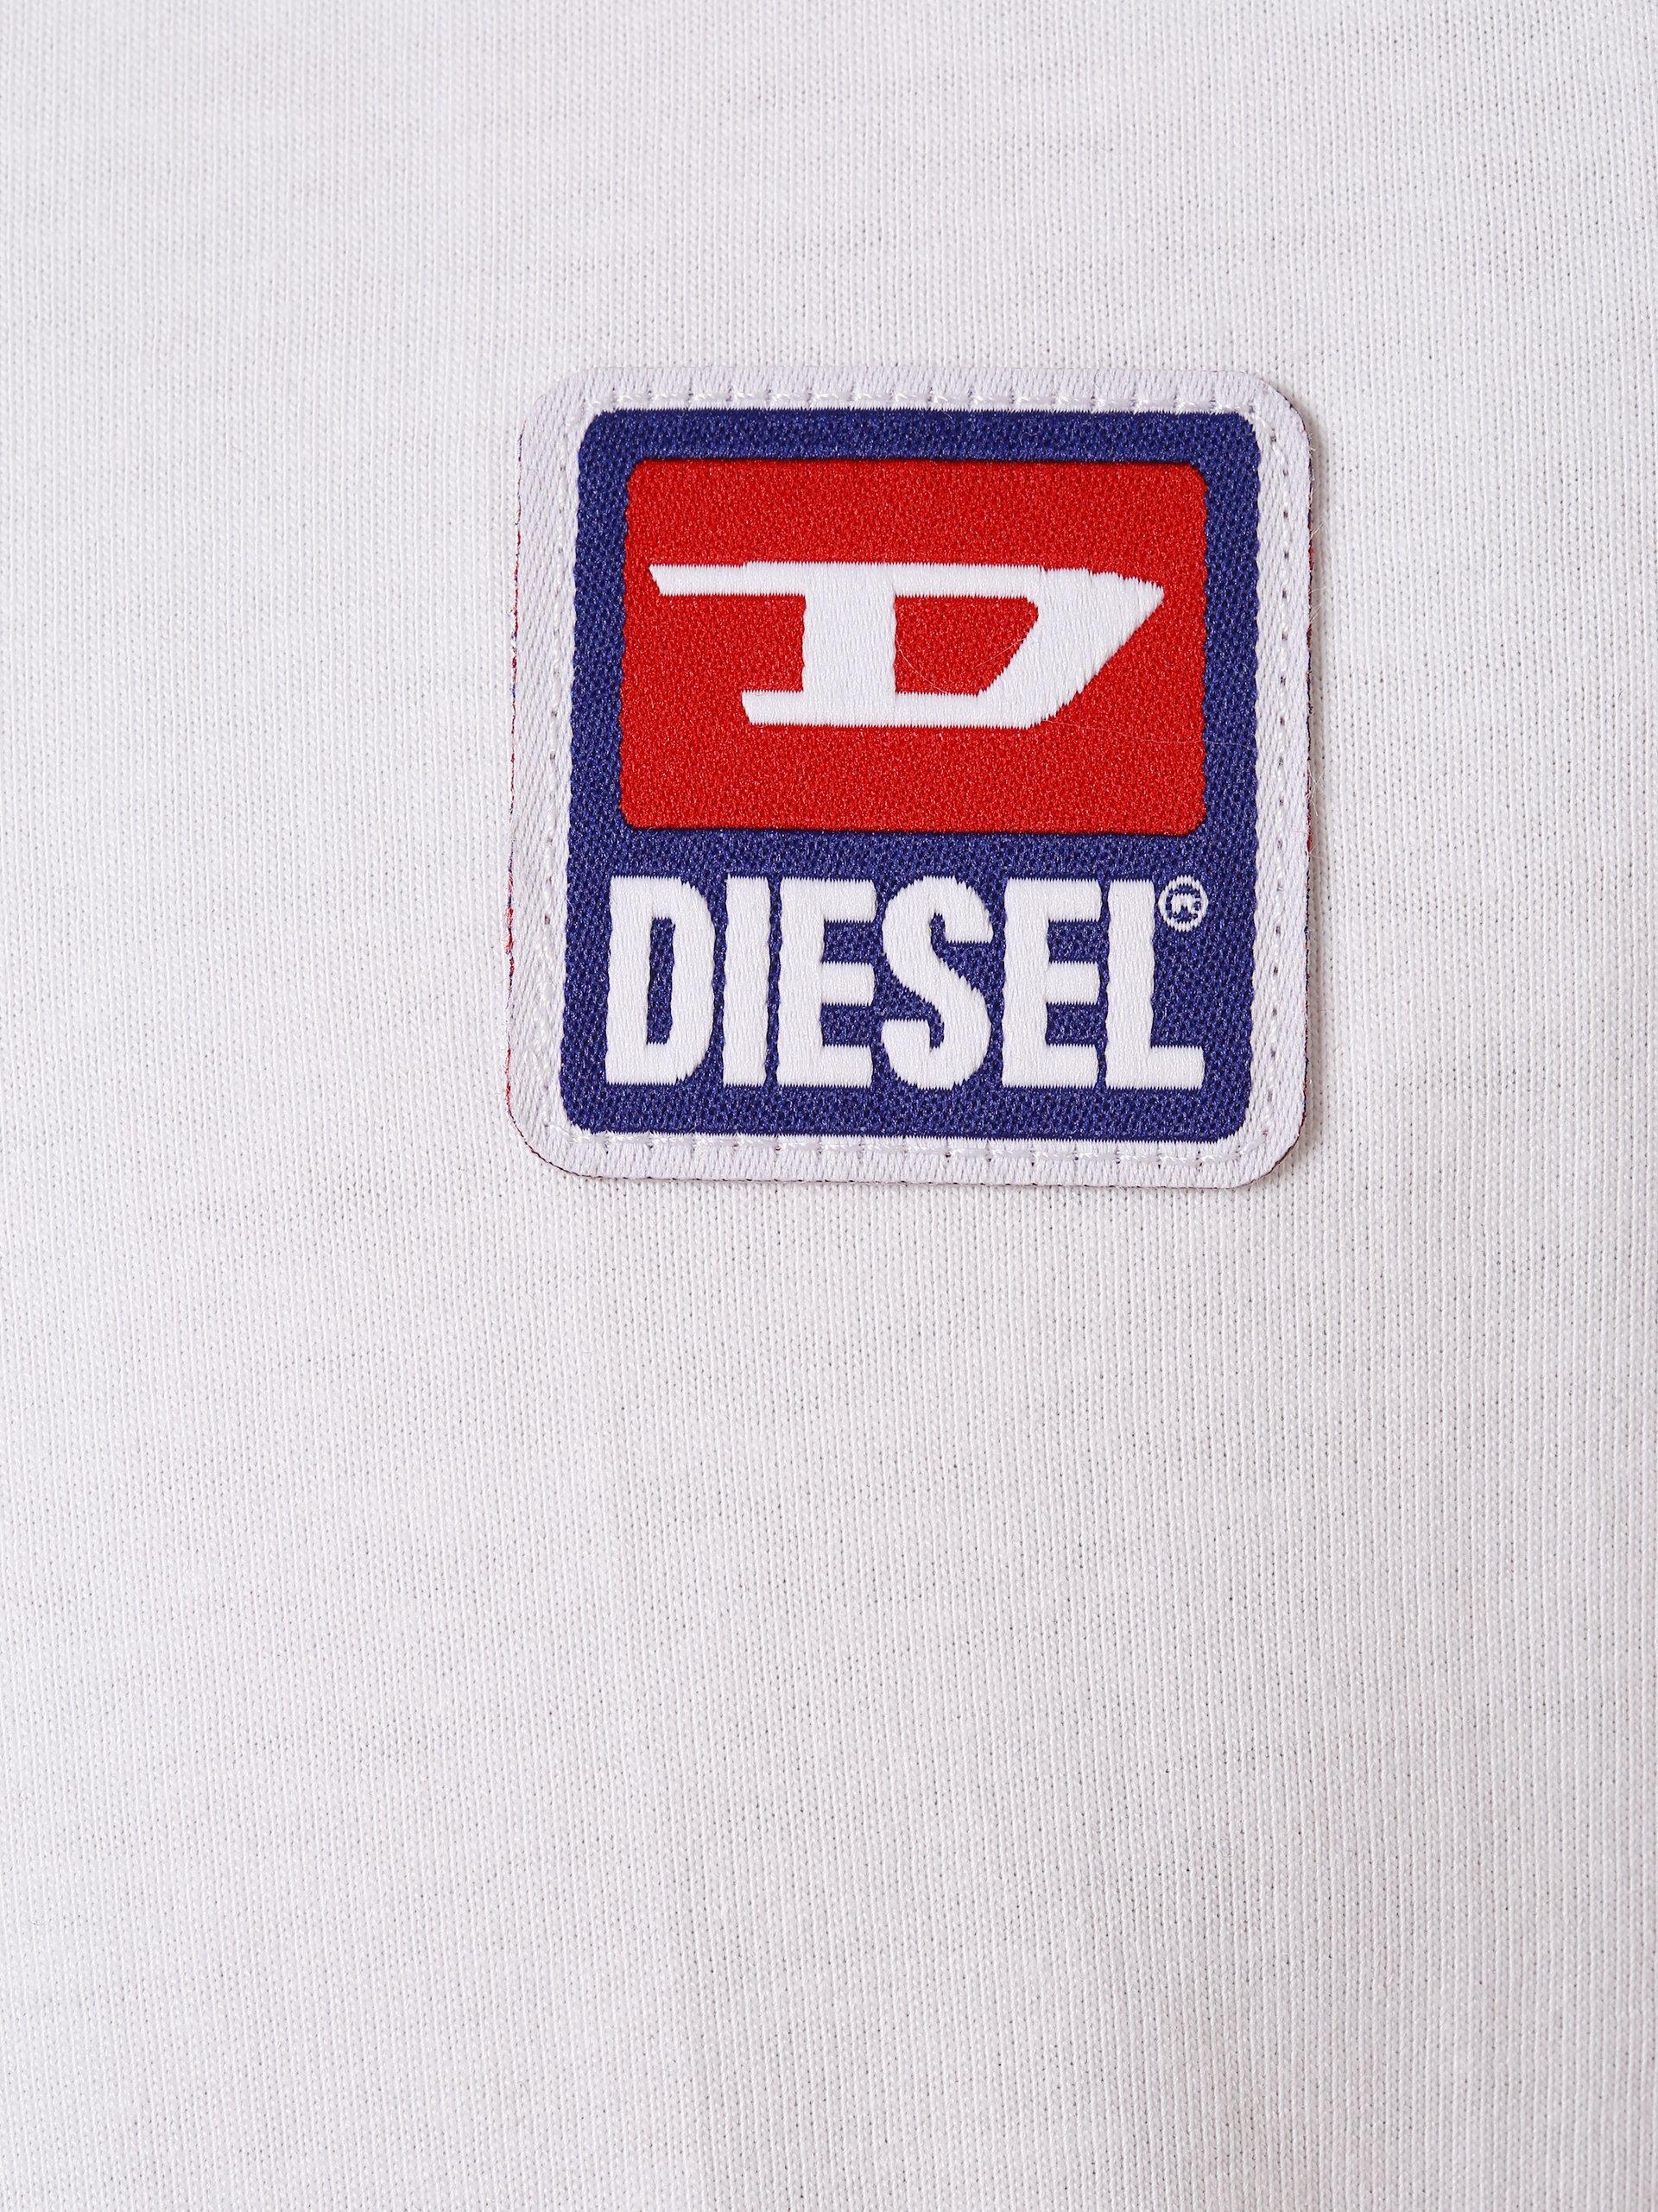 Diesel Męska koszulka z długim rękawem